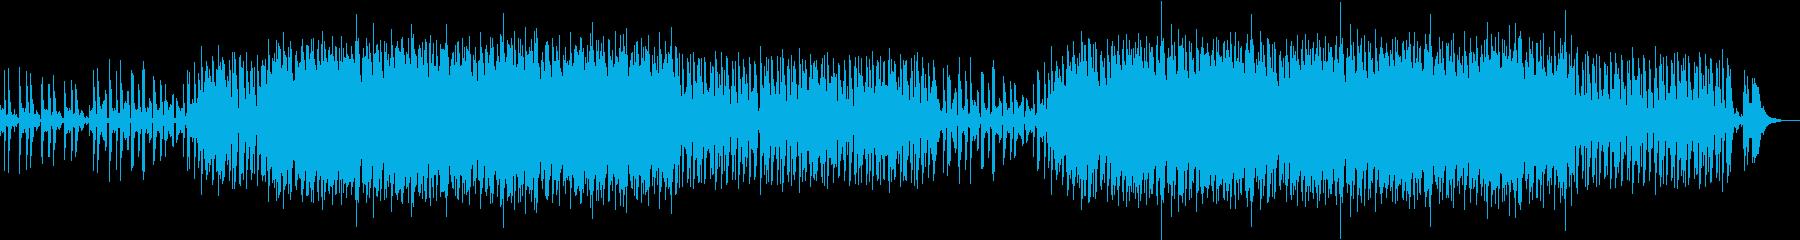 ちょっと懐かしい感じのクラブ系EDMの再生済みの波形